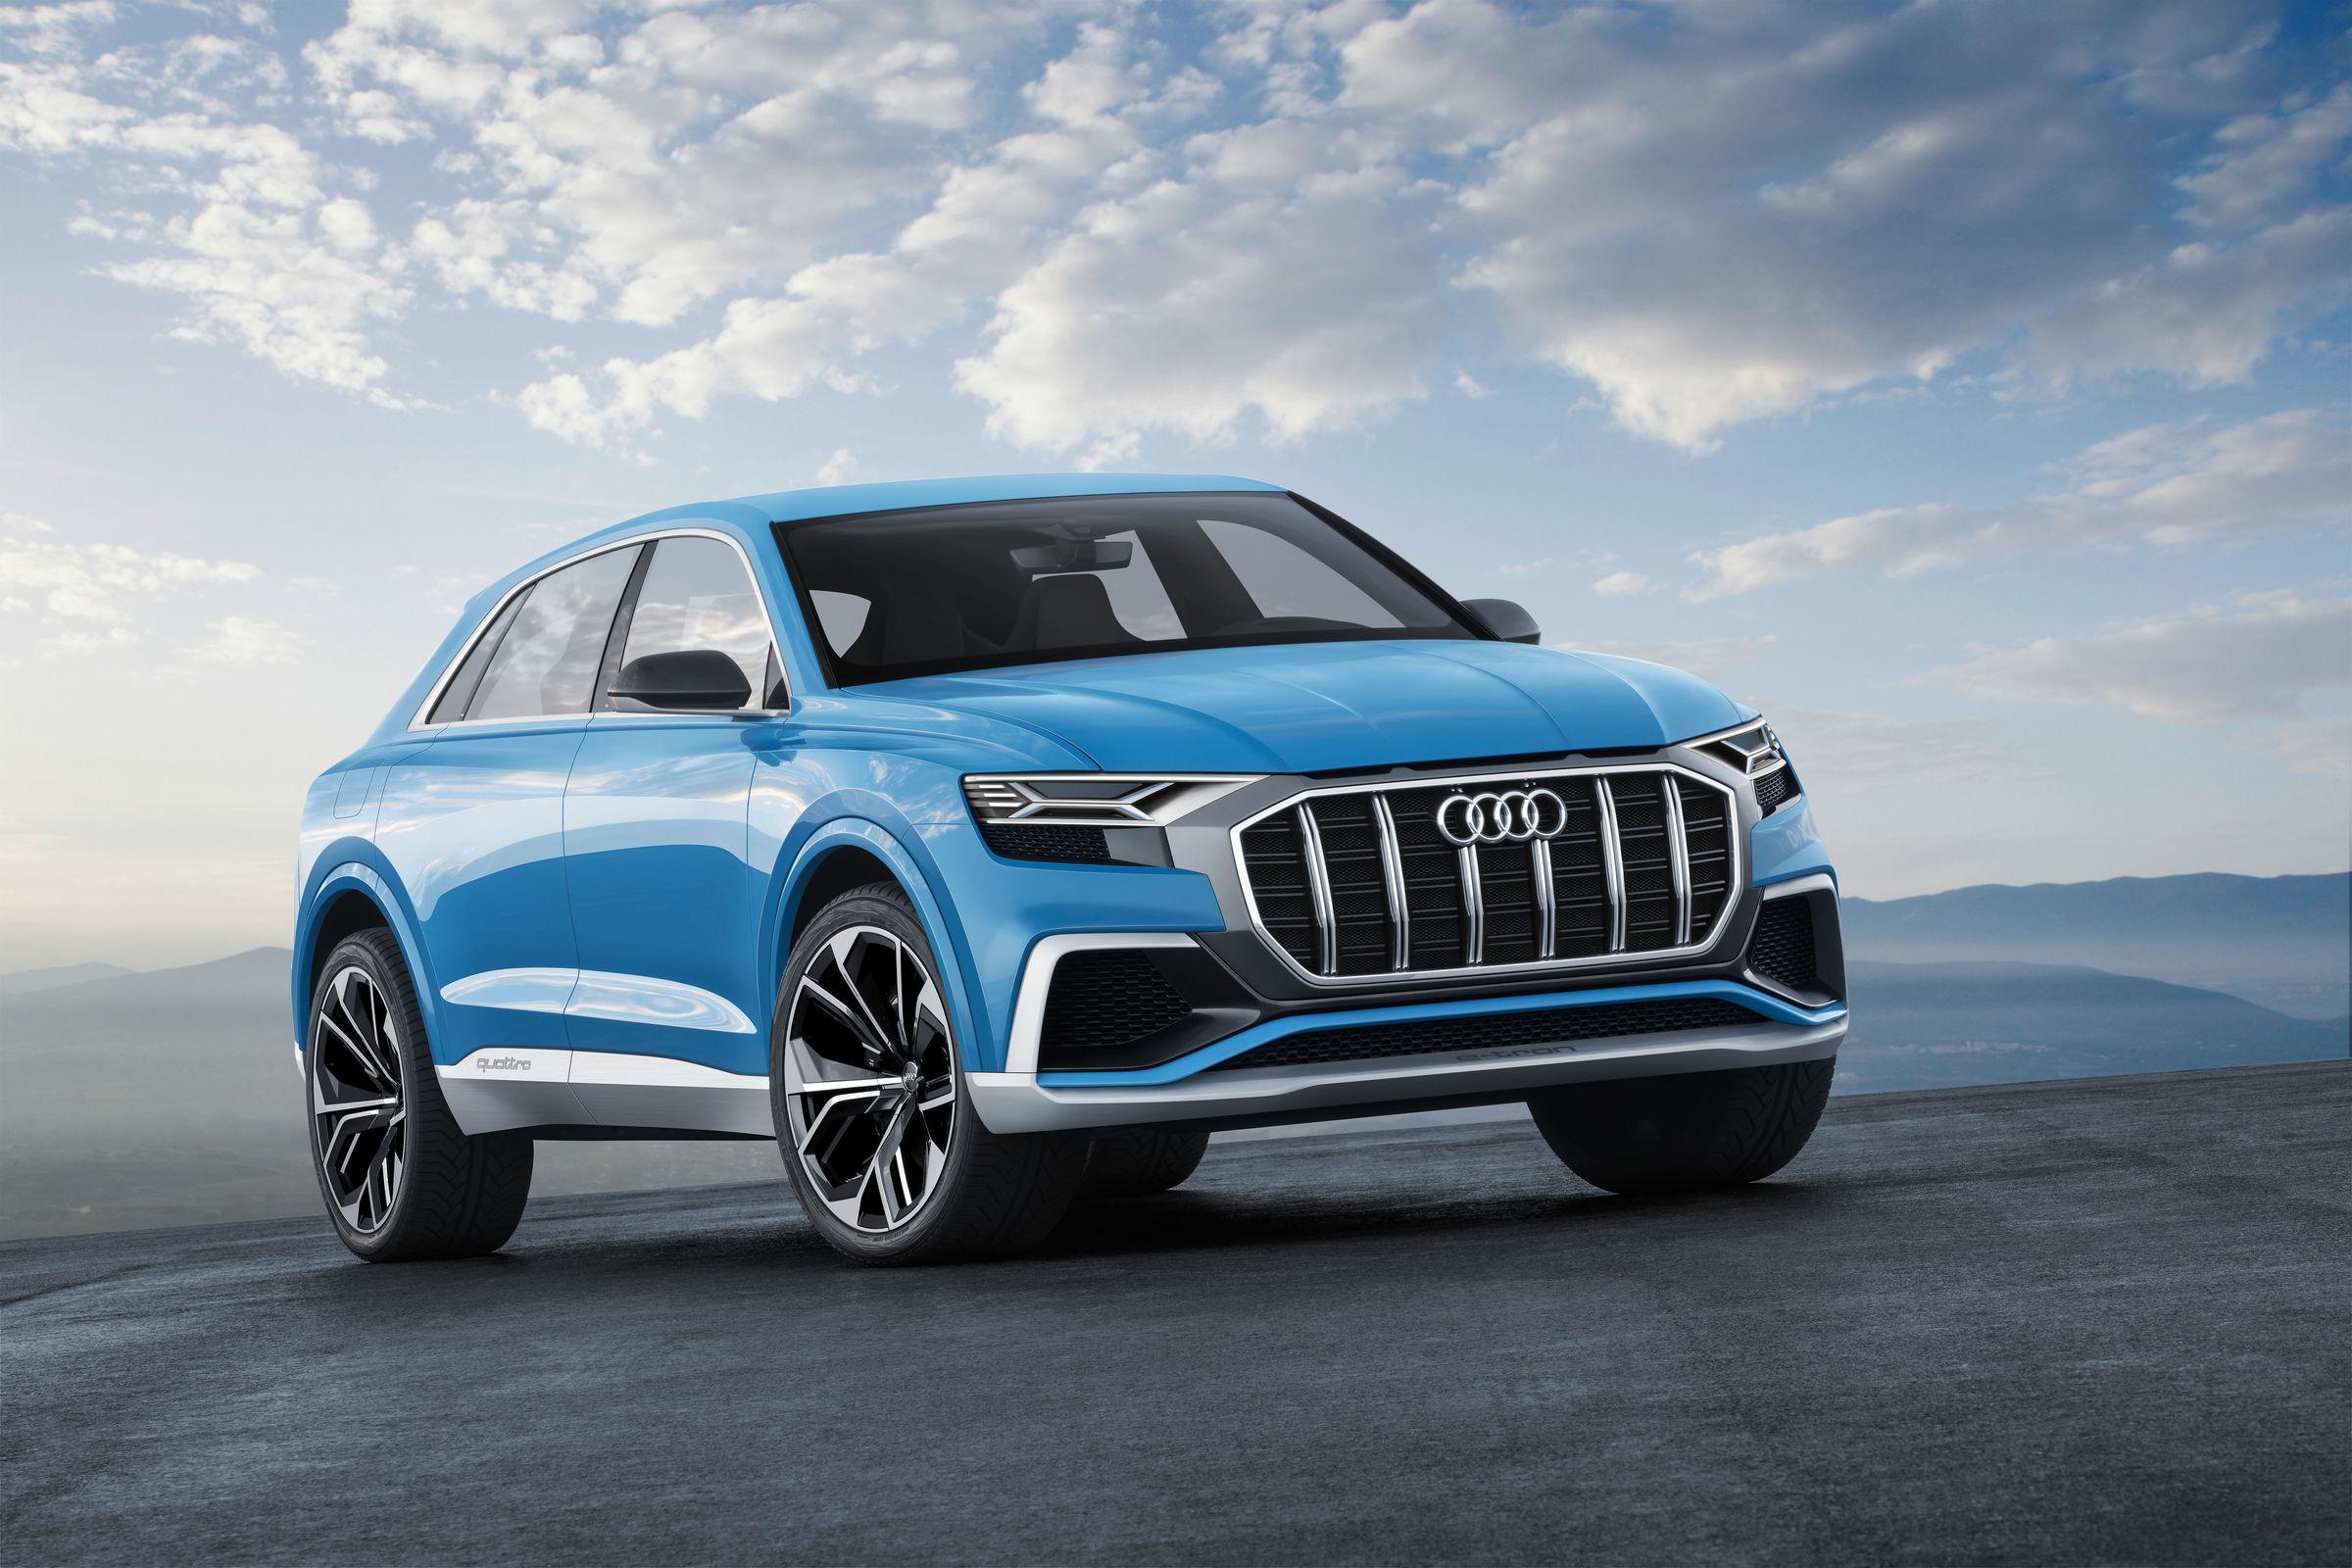 Oberklasse-SUV im Coupé-Design: Audi Q8 concept | Audi MediaCenter